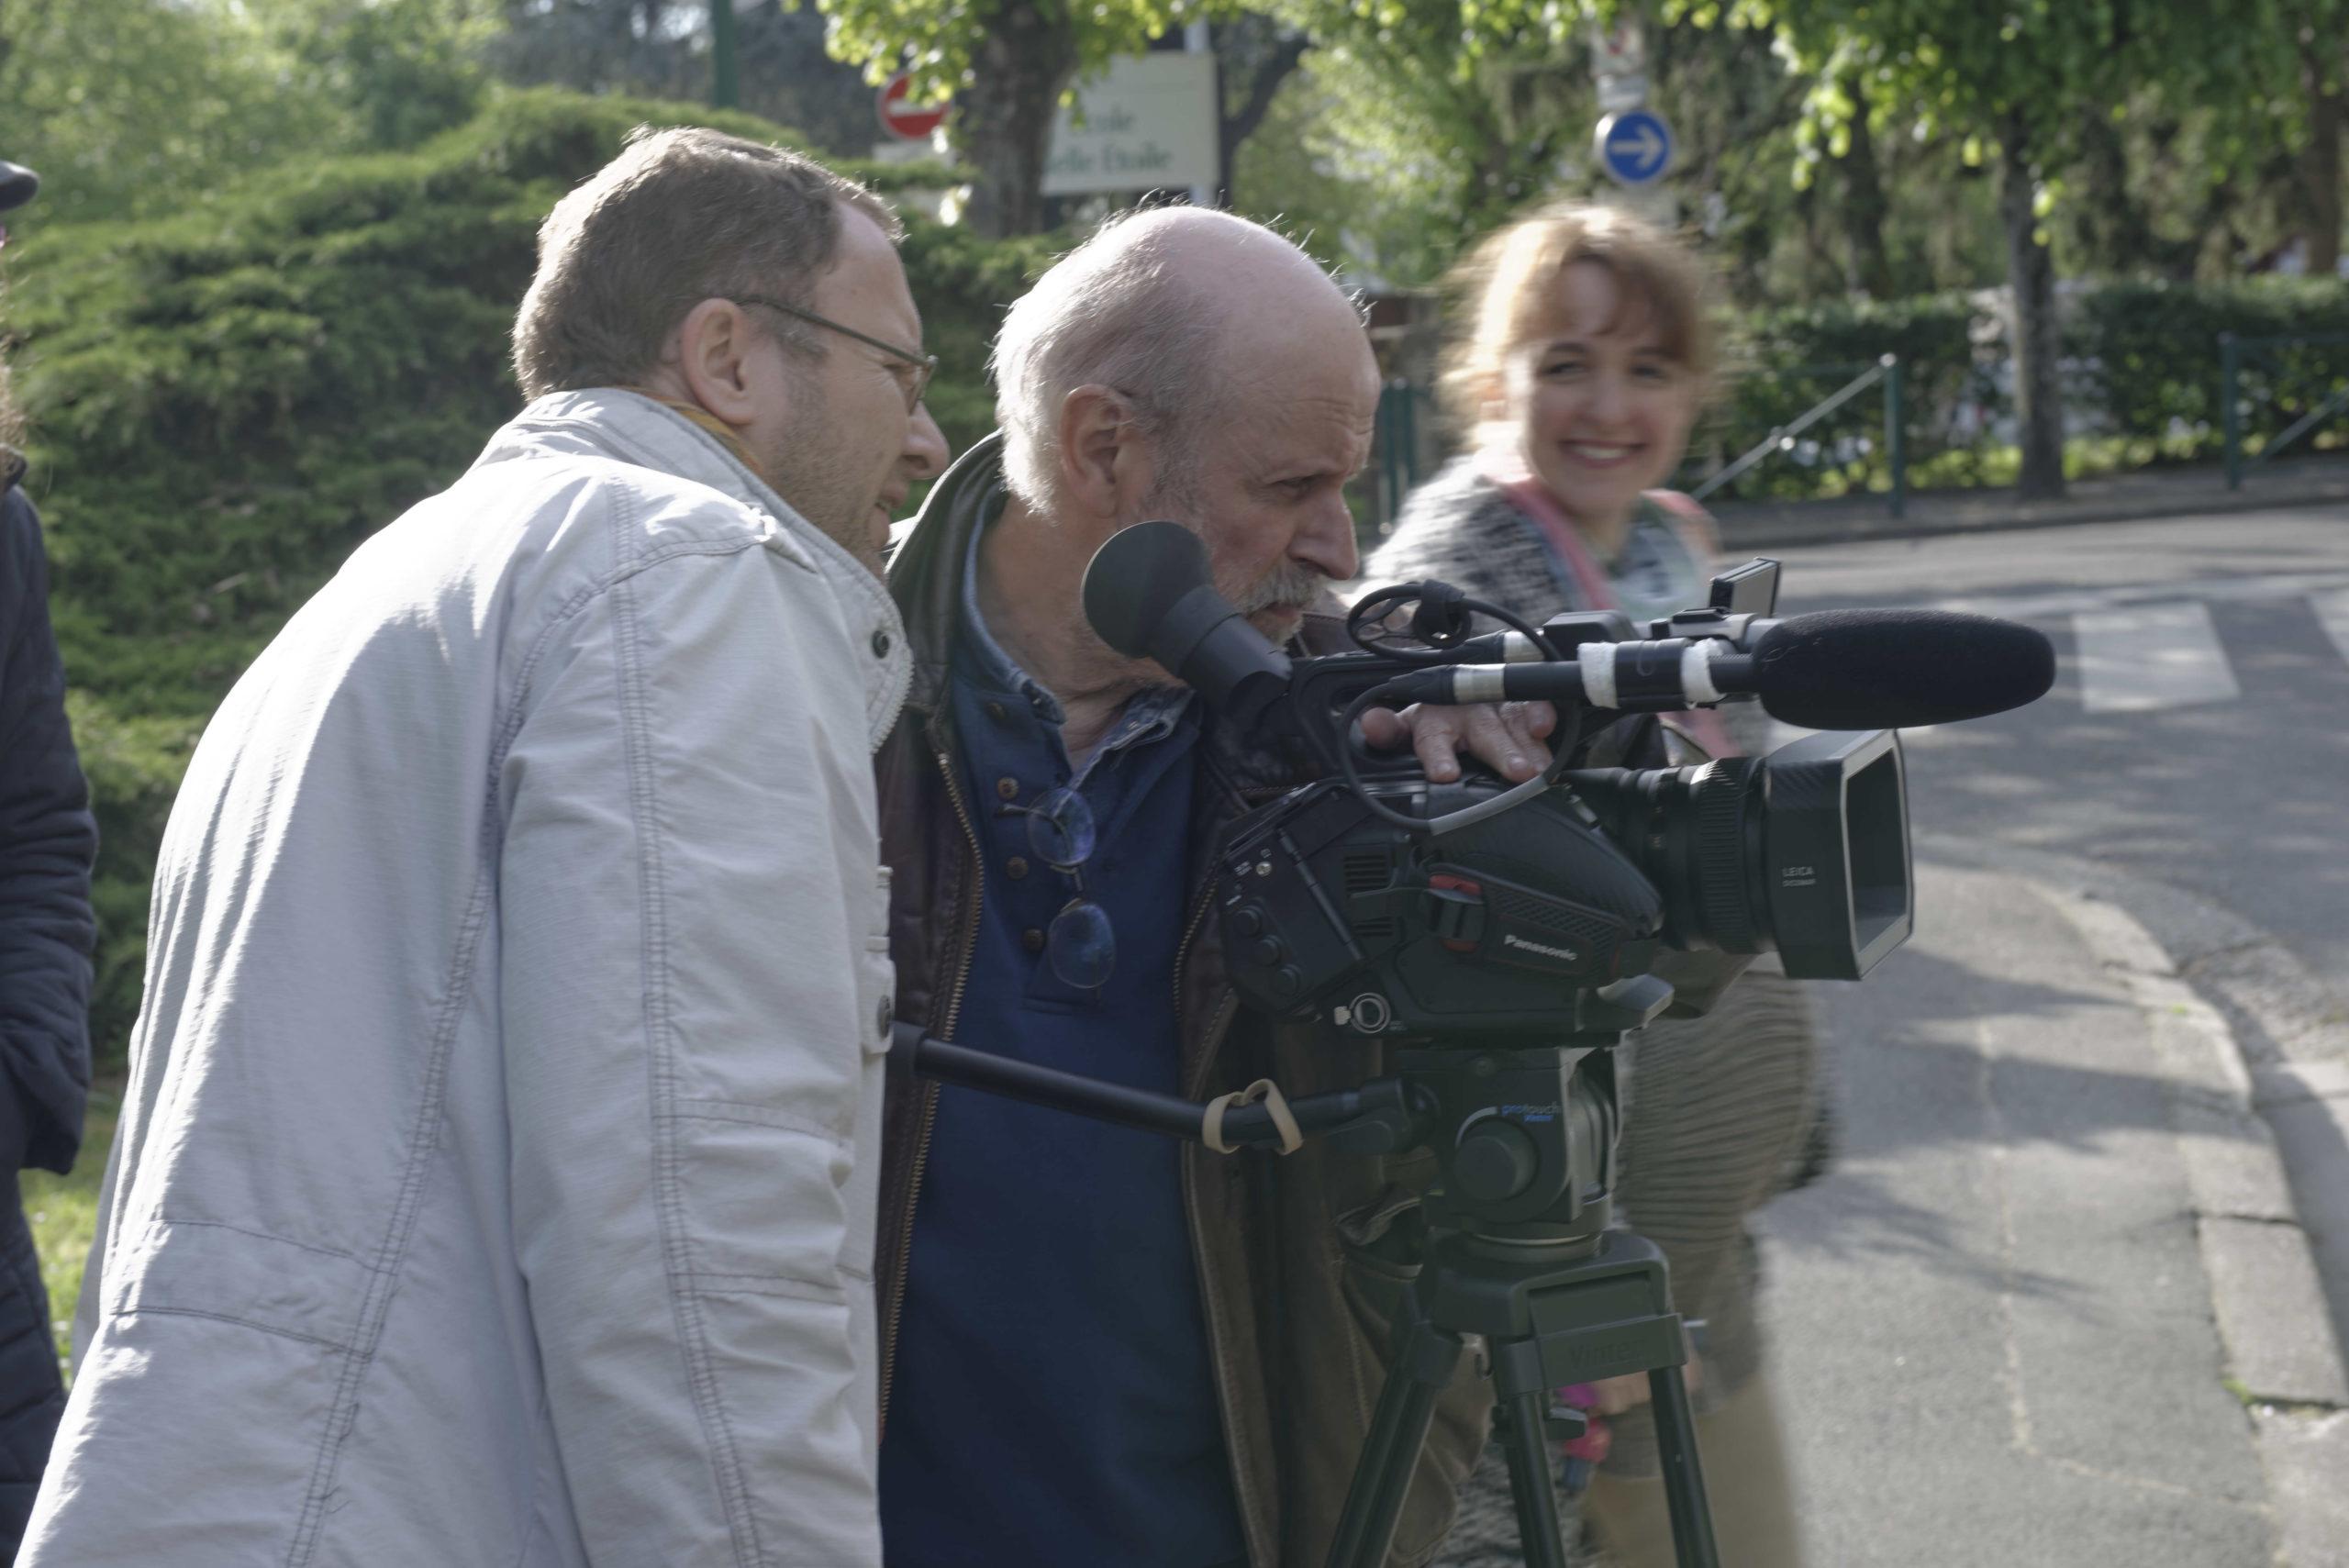 Pere et impair photos tournage 24